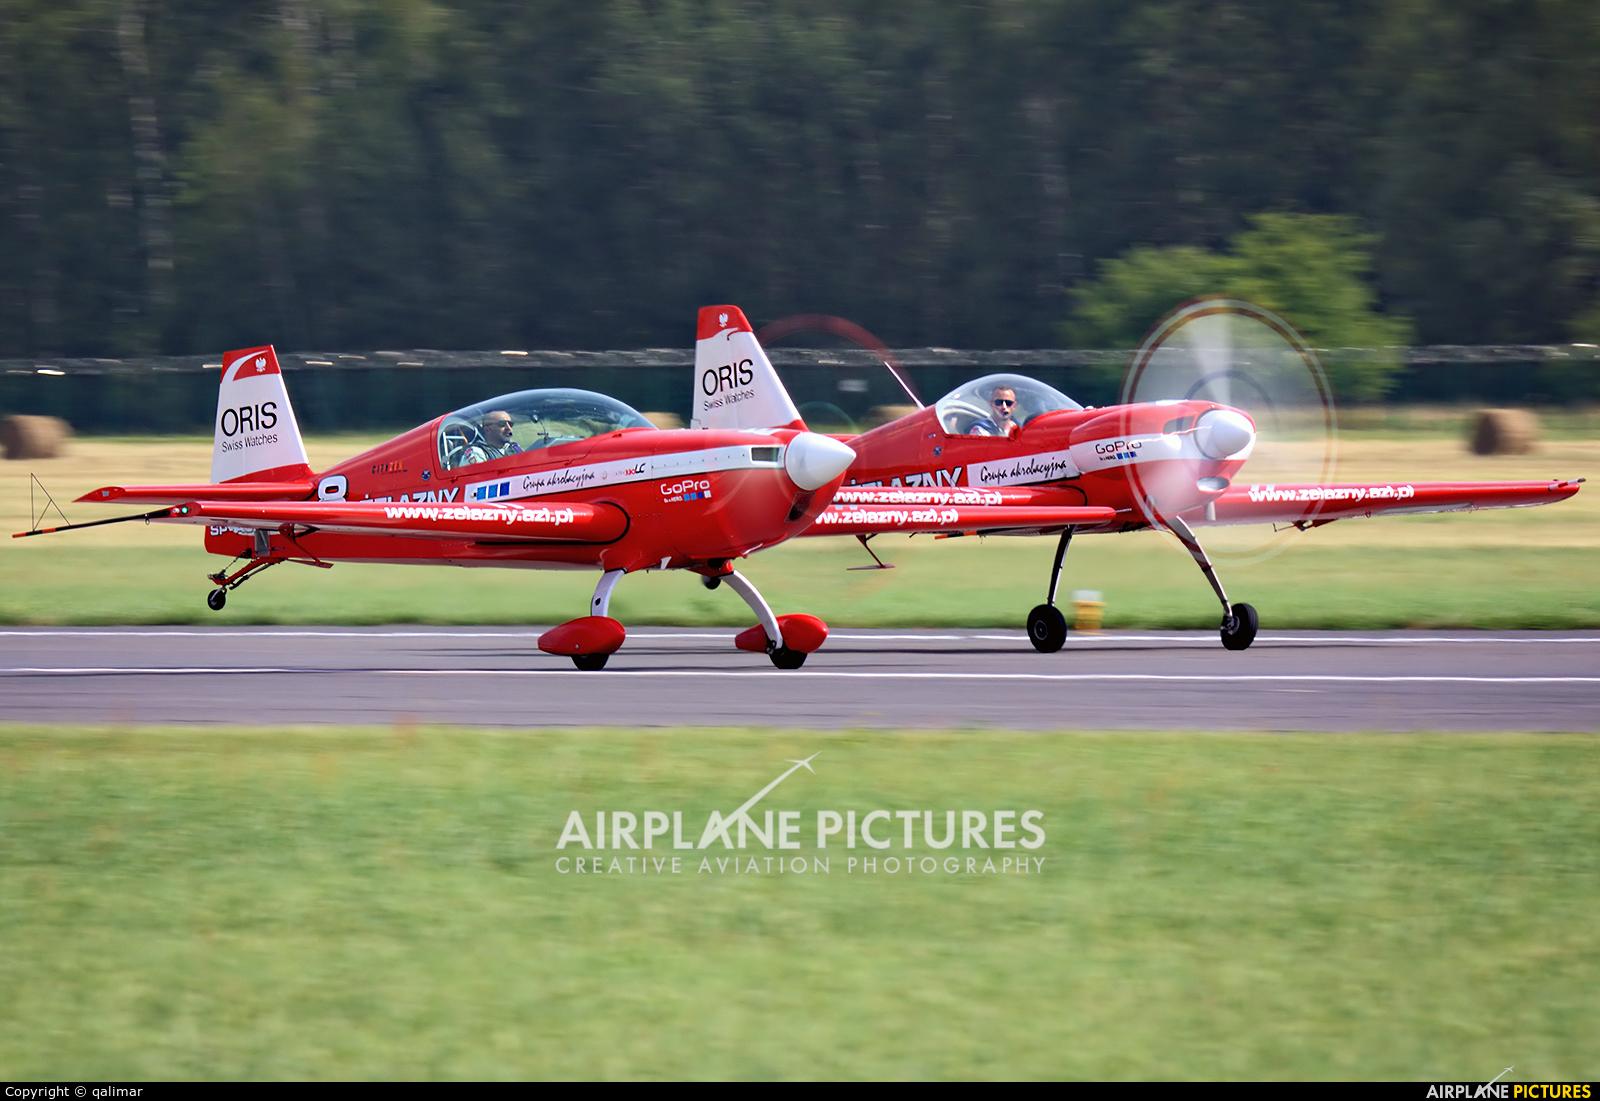 Grupa Akrobacyjna Żelazny - Acrobatic Group SP-AUP aircraft at Radom - Sadków